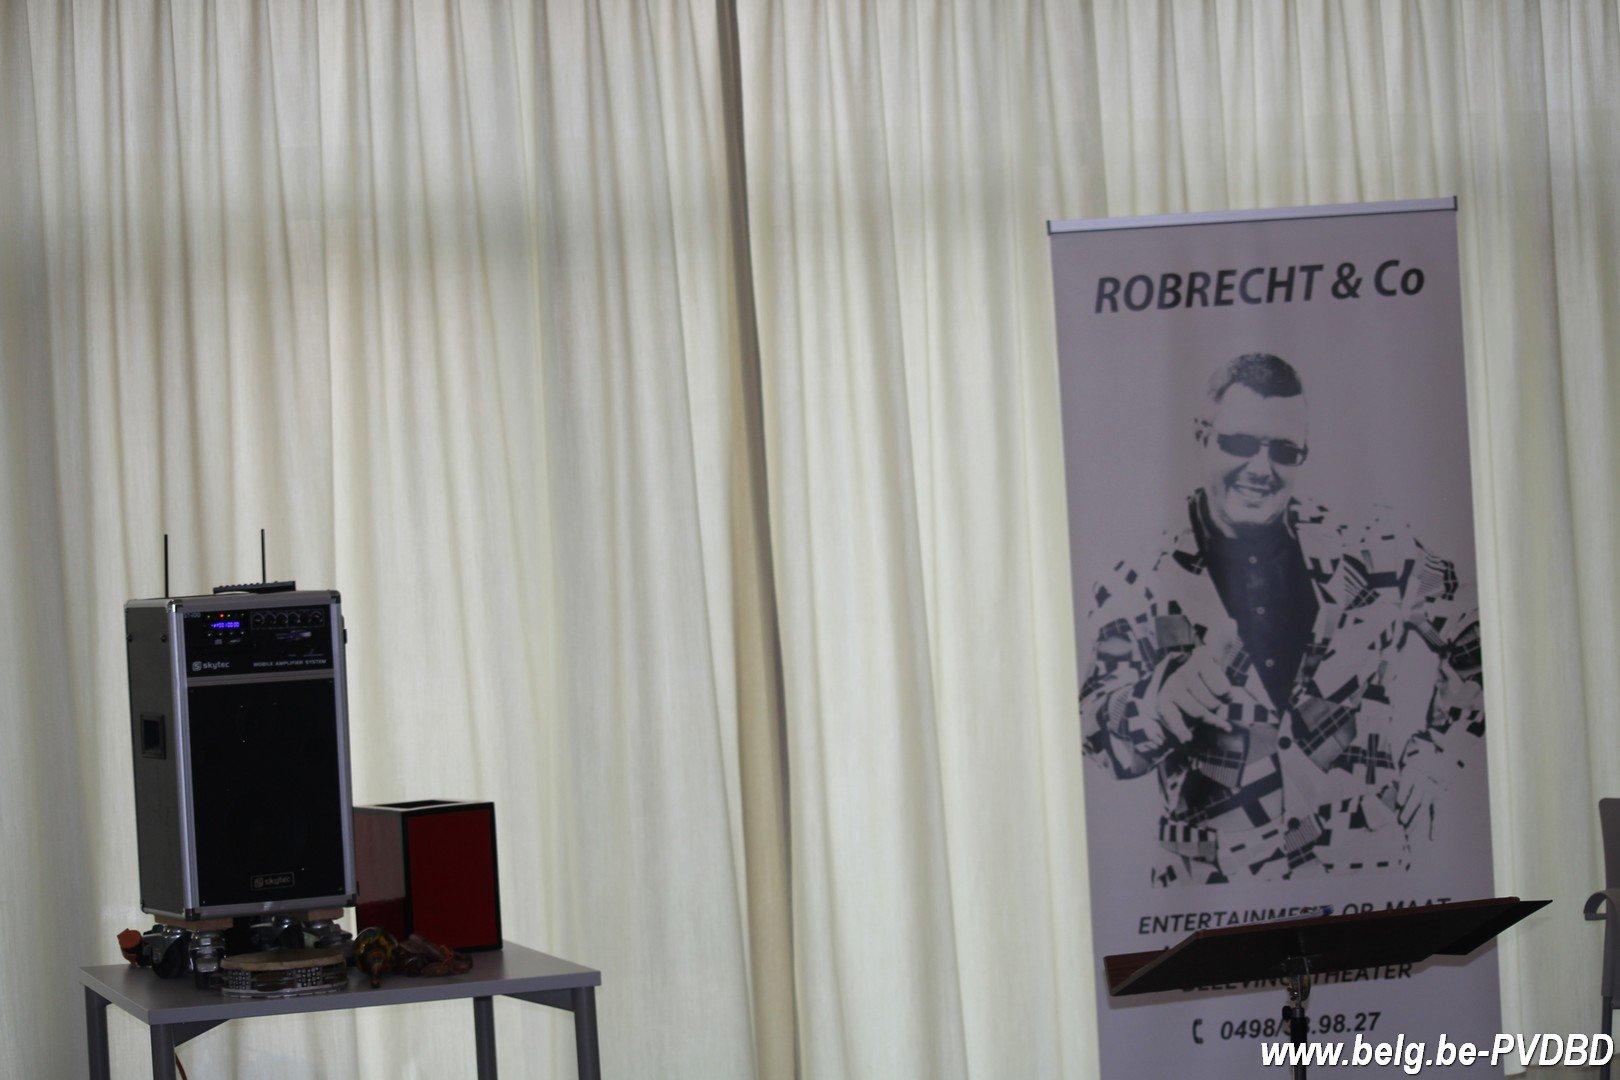 Vlekkeloze proefvoorstelling van Robrecht & Co te Ninove - IMG 7976